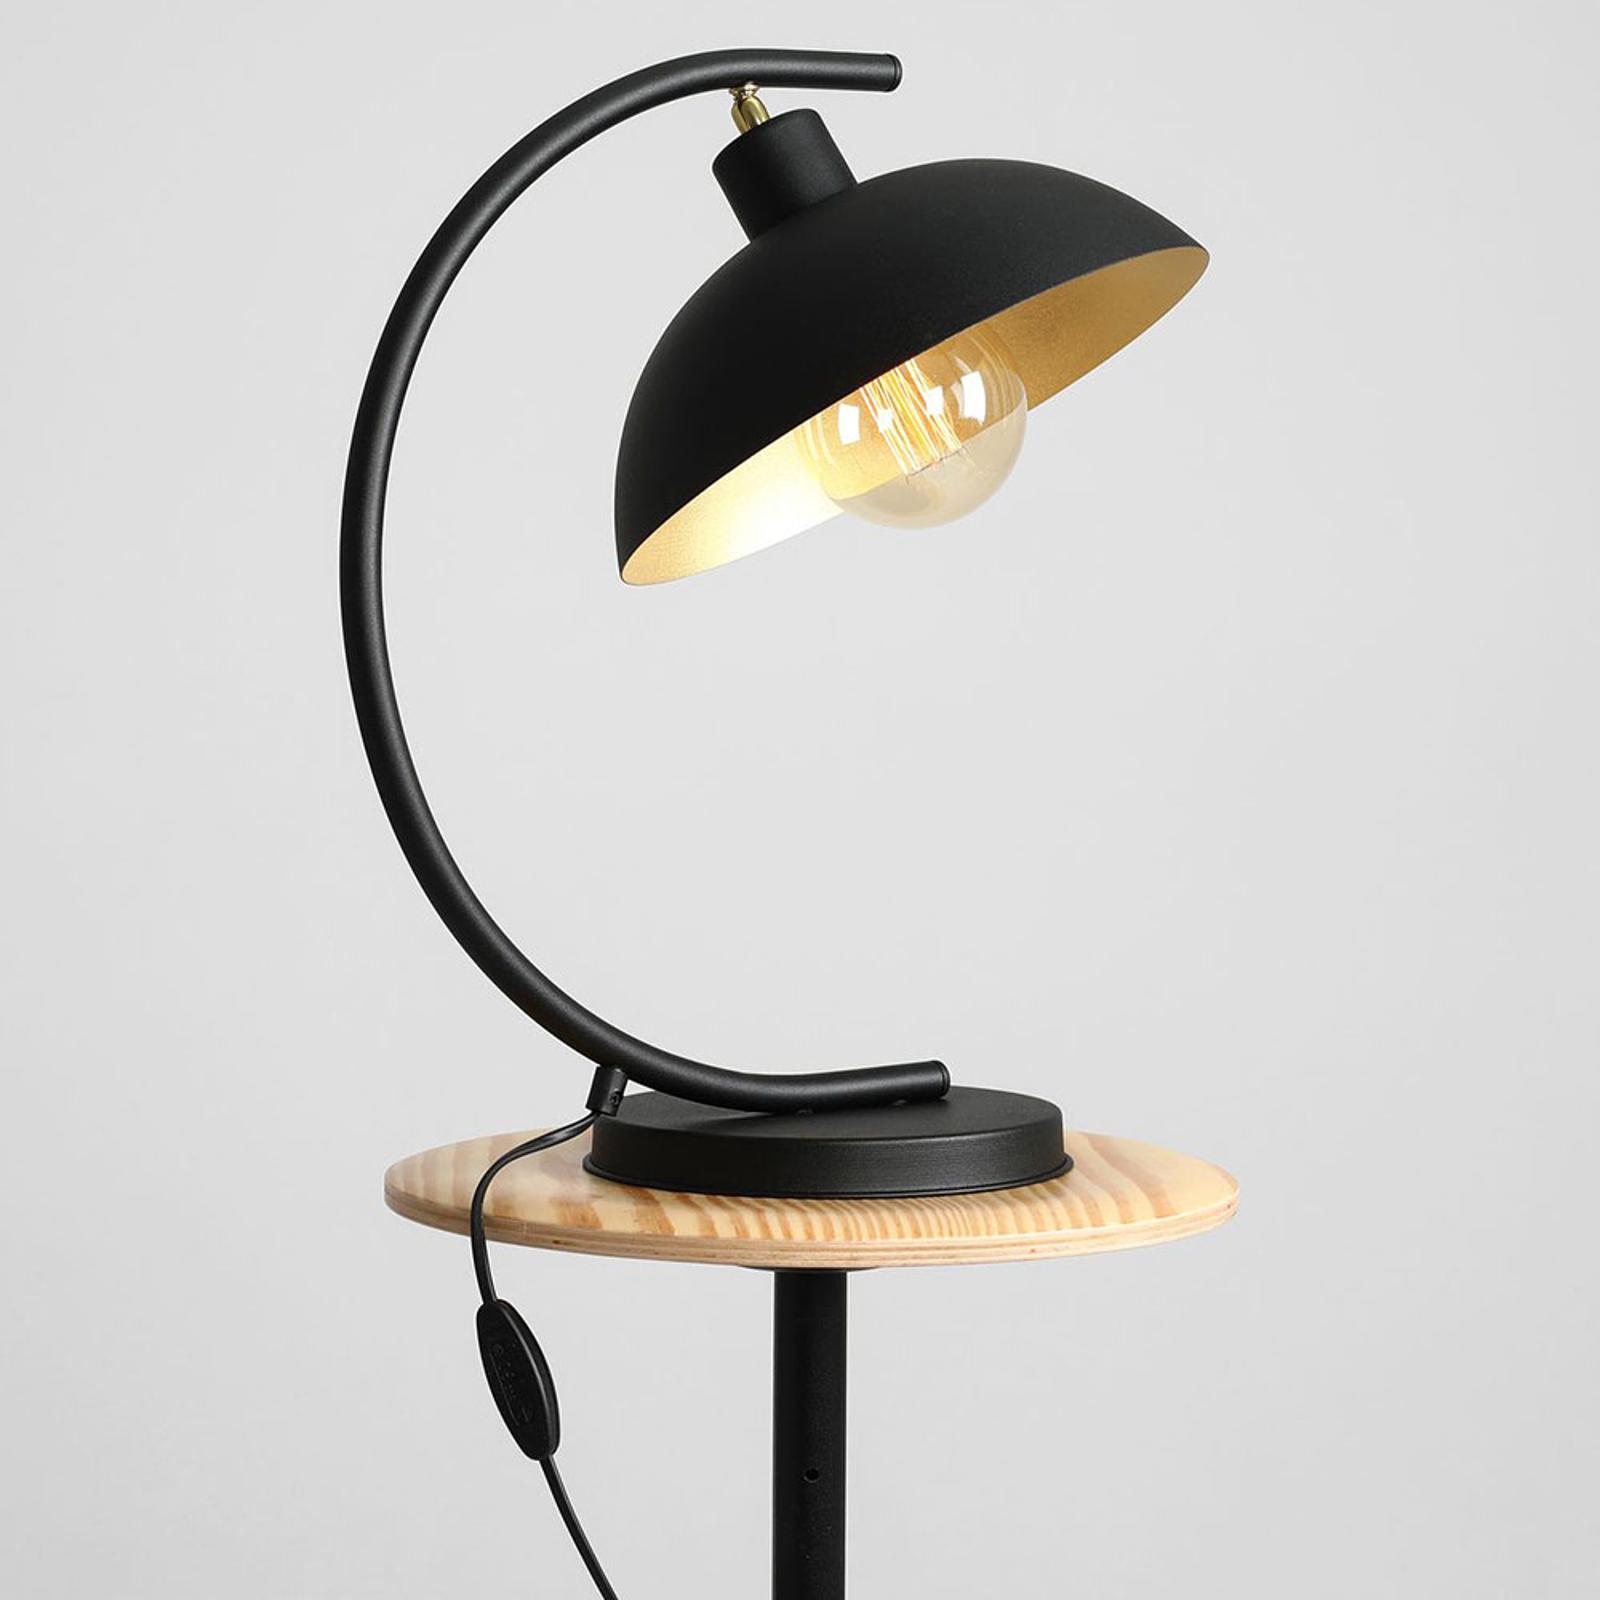 Stolná lampa 1036, jedno-plameňové, čierno-zlaté_1078012_1